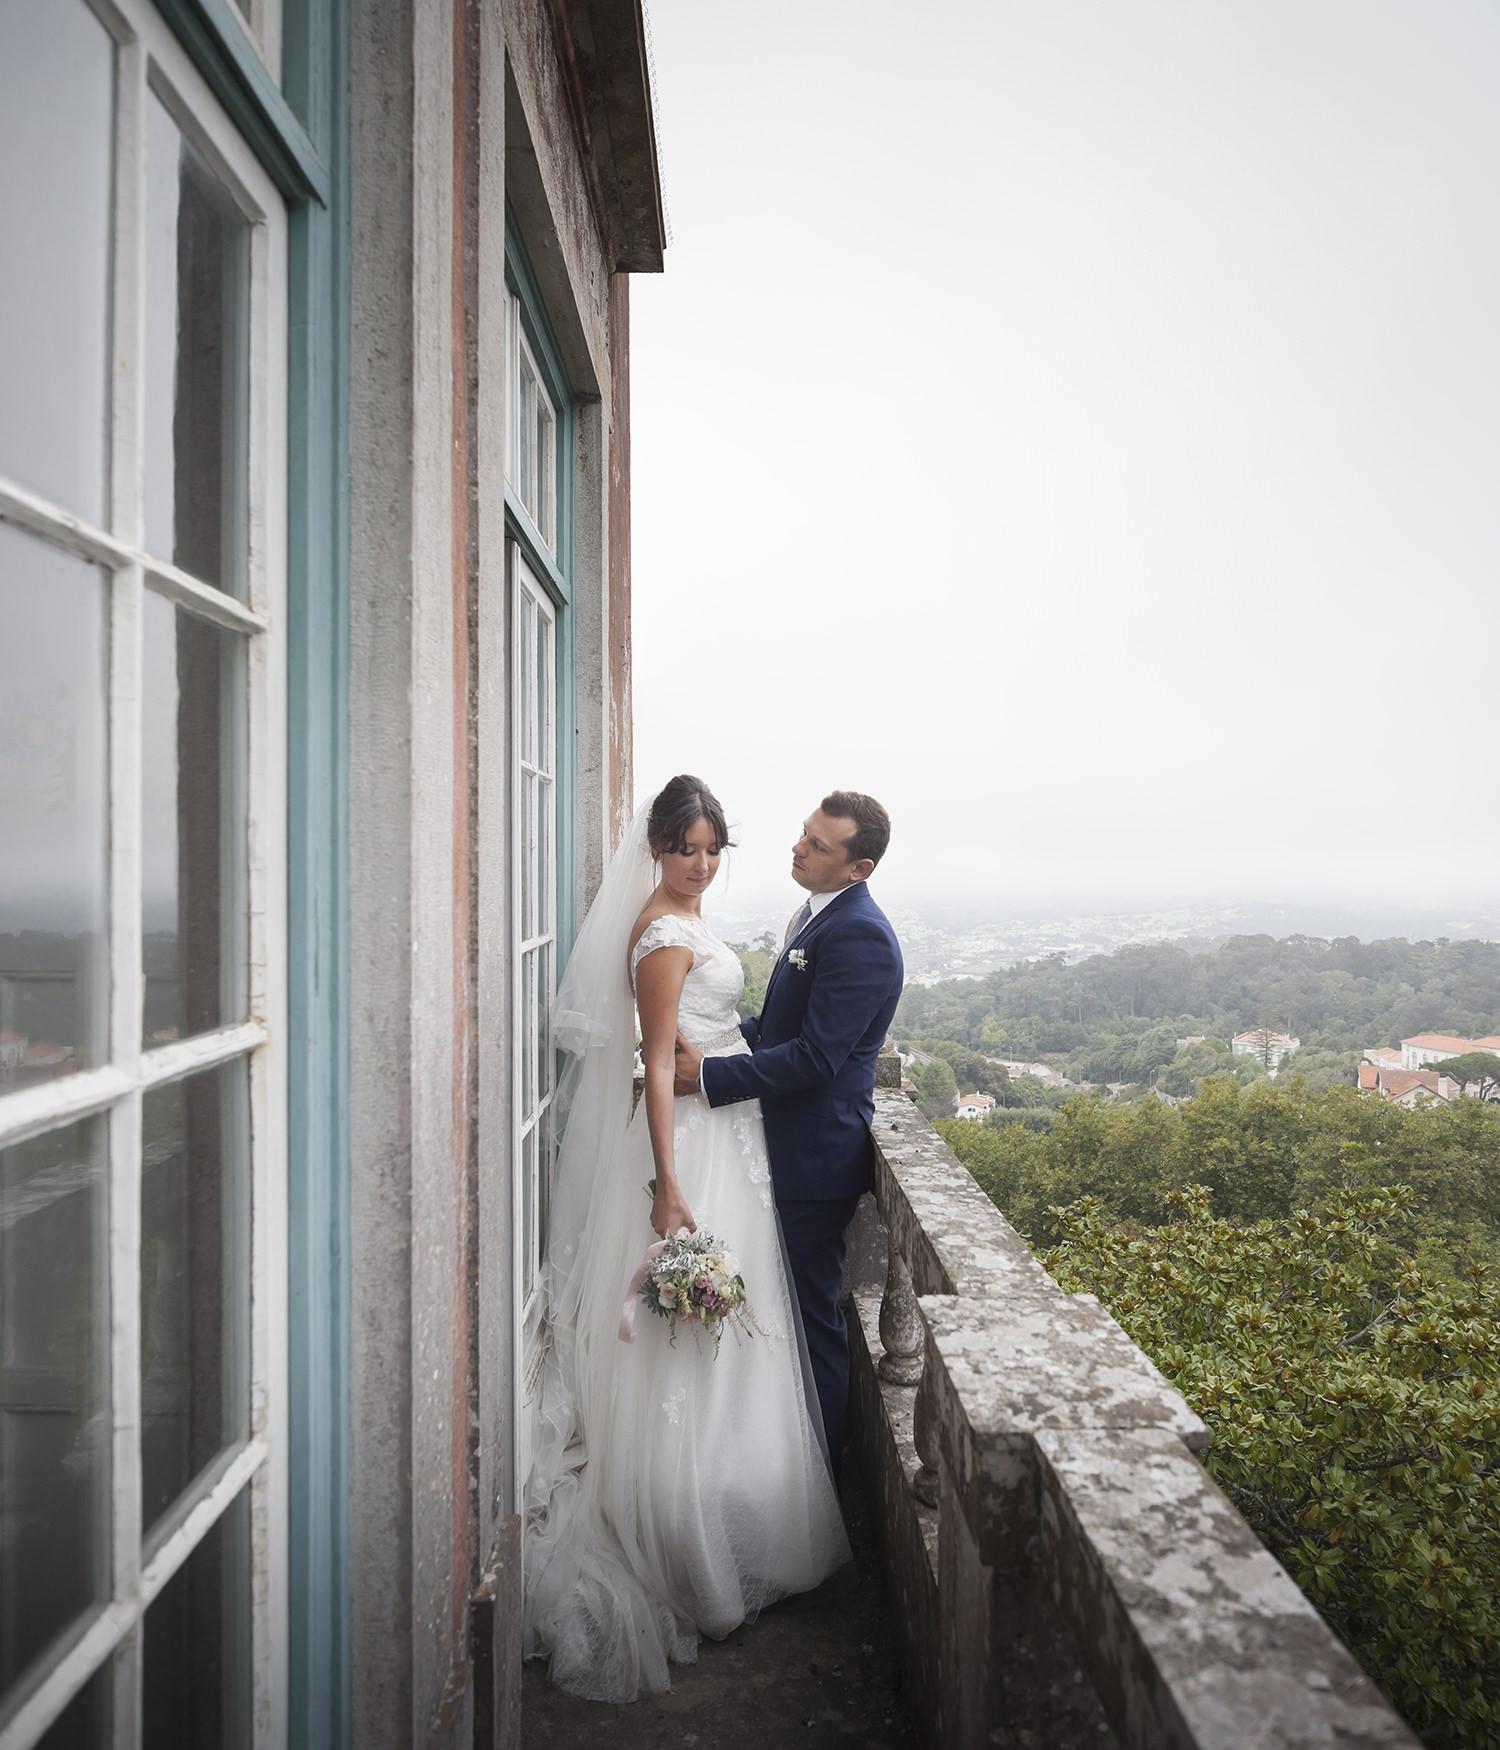 casa-penedos-sintra-wedding-photographer-terra-fotografia-177.jpg